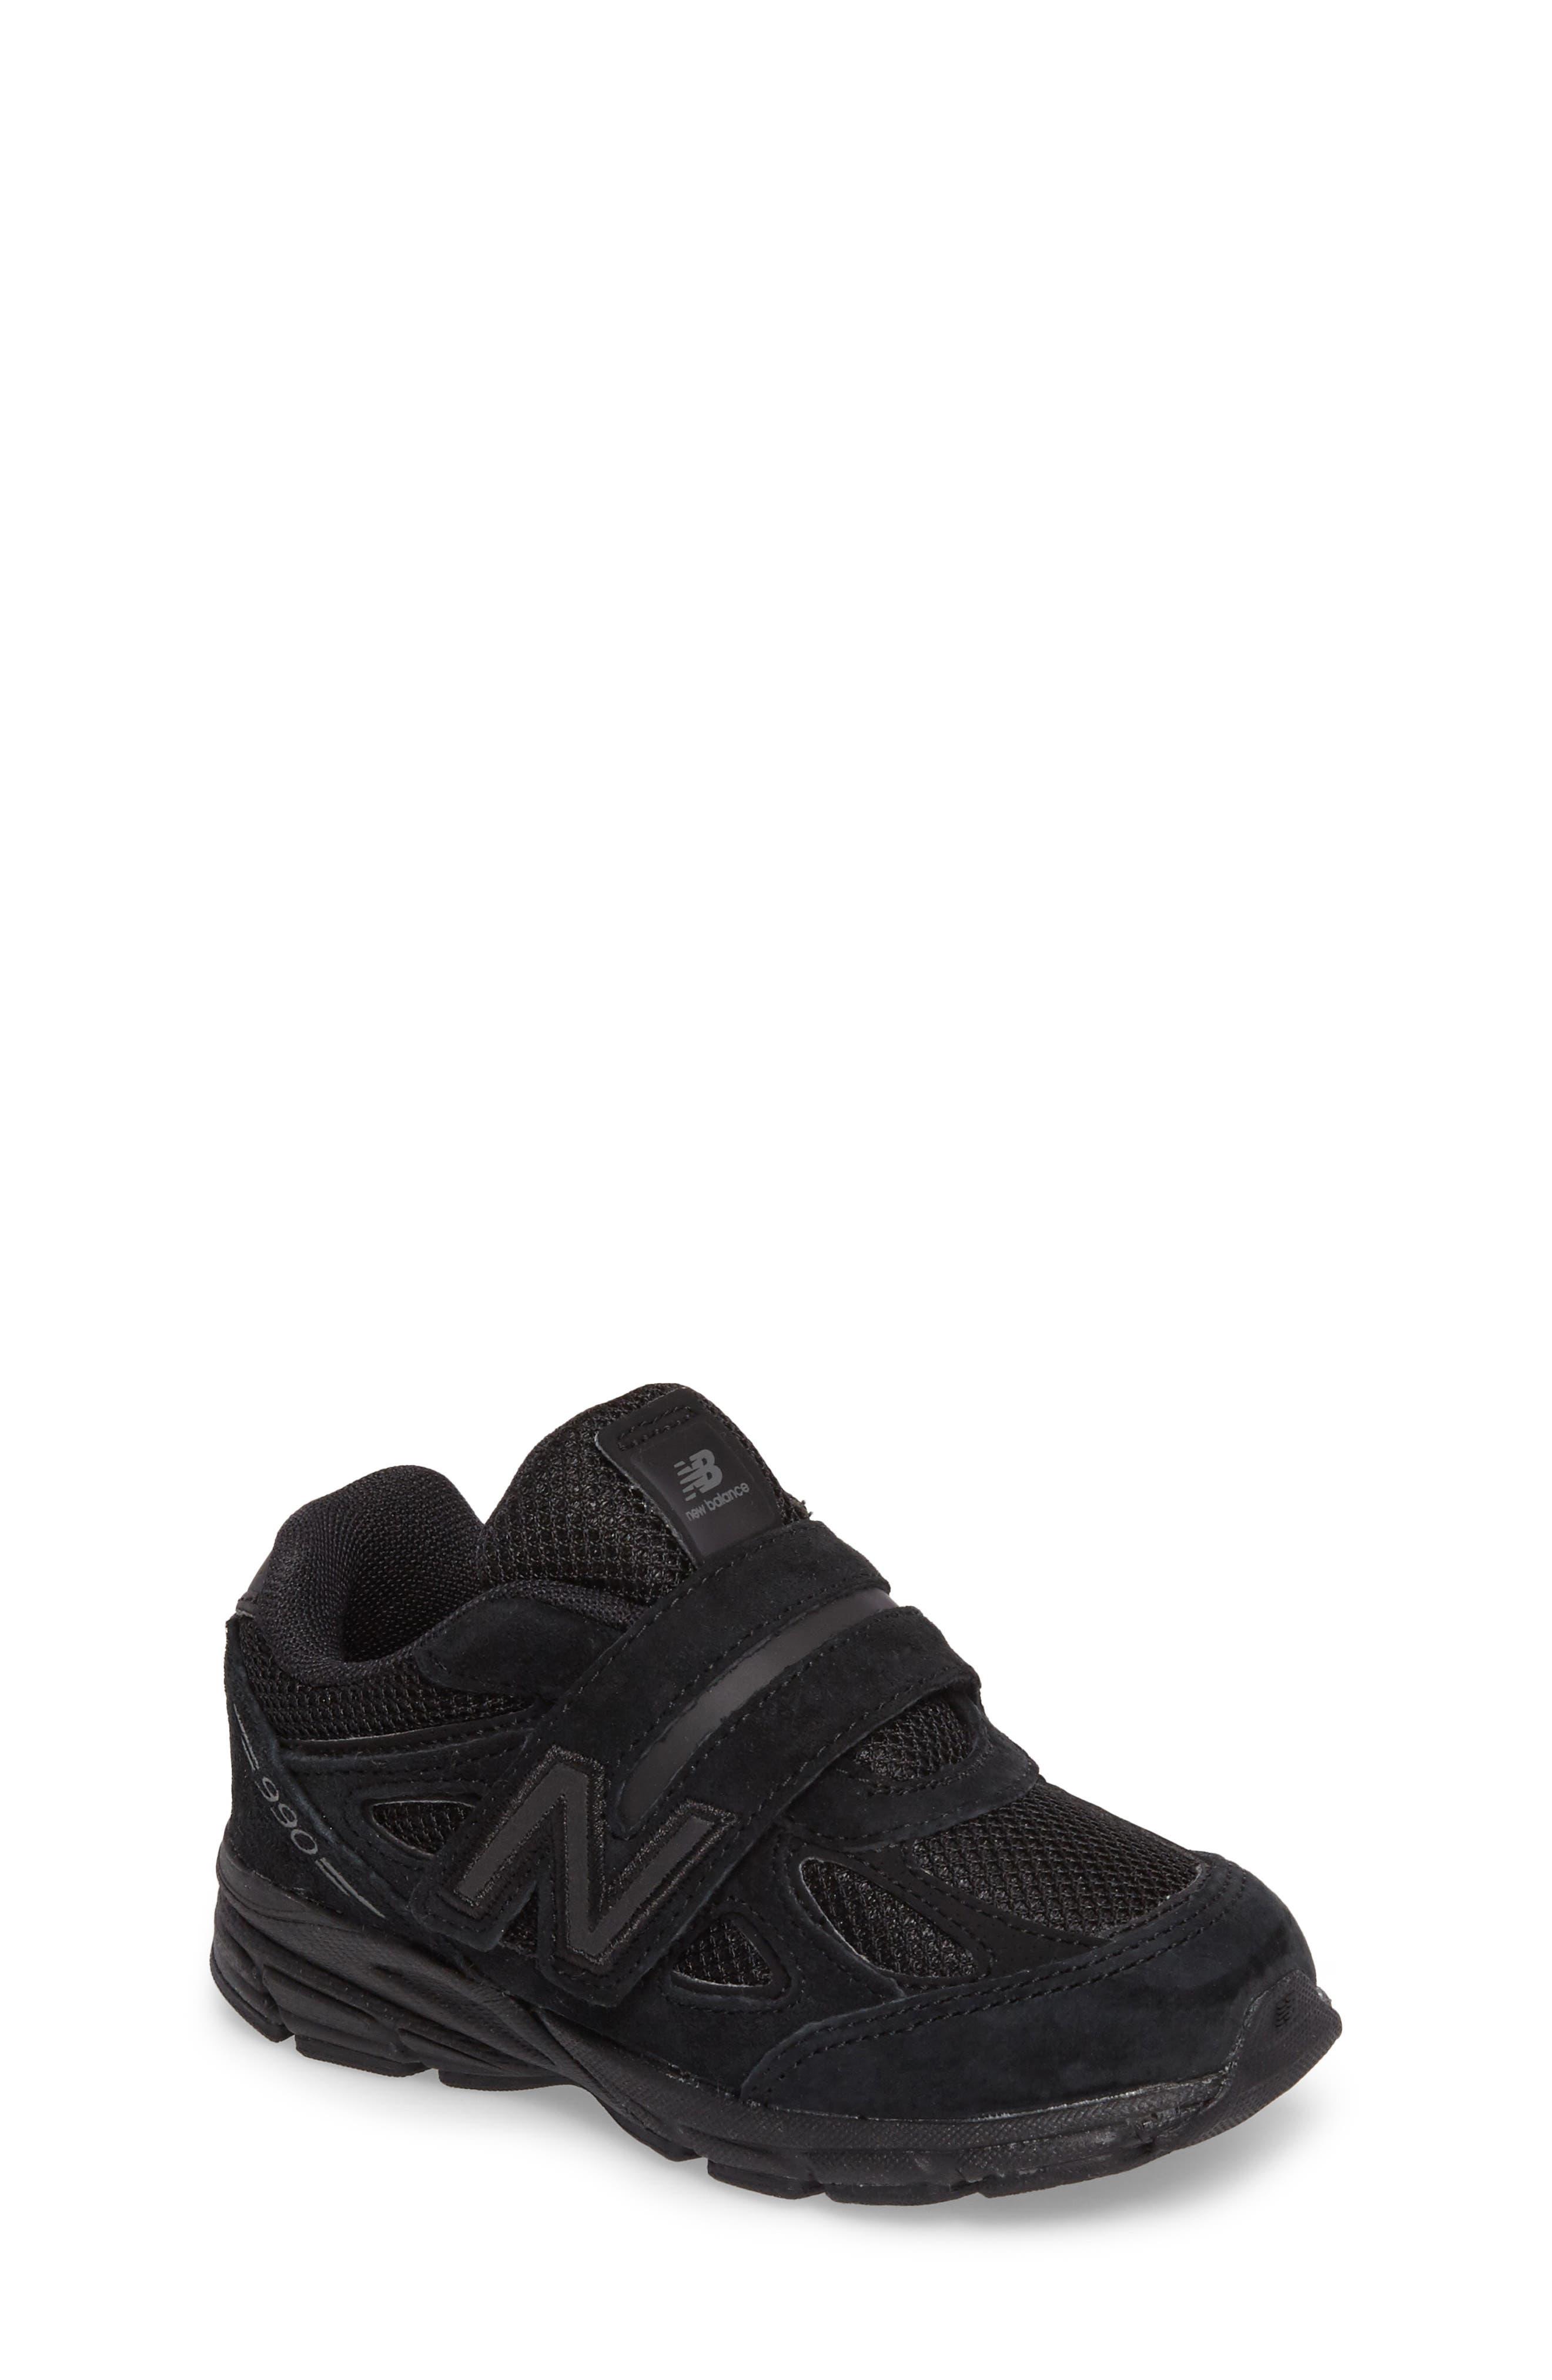 '990v4' Sneaker,                             Main thumbnail 1, color,                             Black/ Black